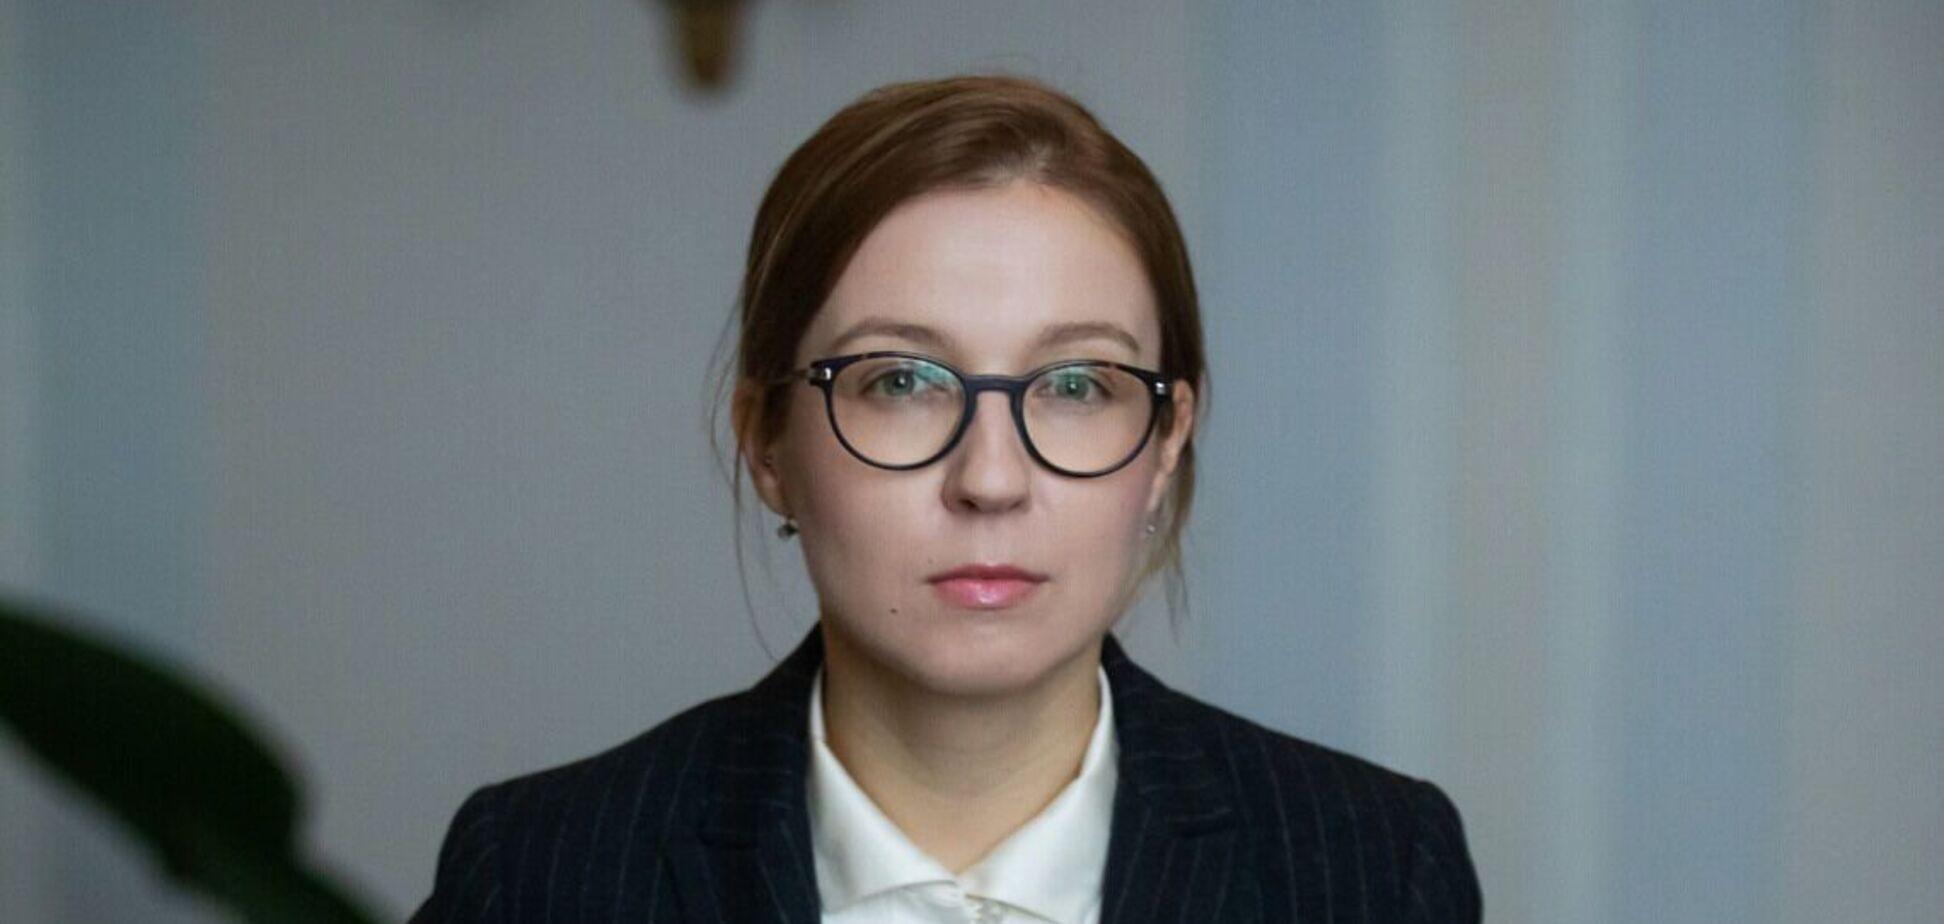 Ручная замена главы 'Нафтогаза' угрожает независимости компании и сотрудничеству Украины с МВФ, – Инна Совсун